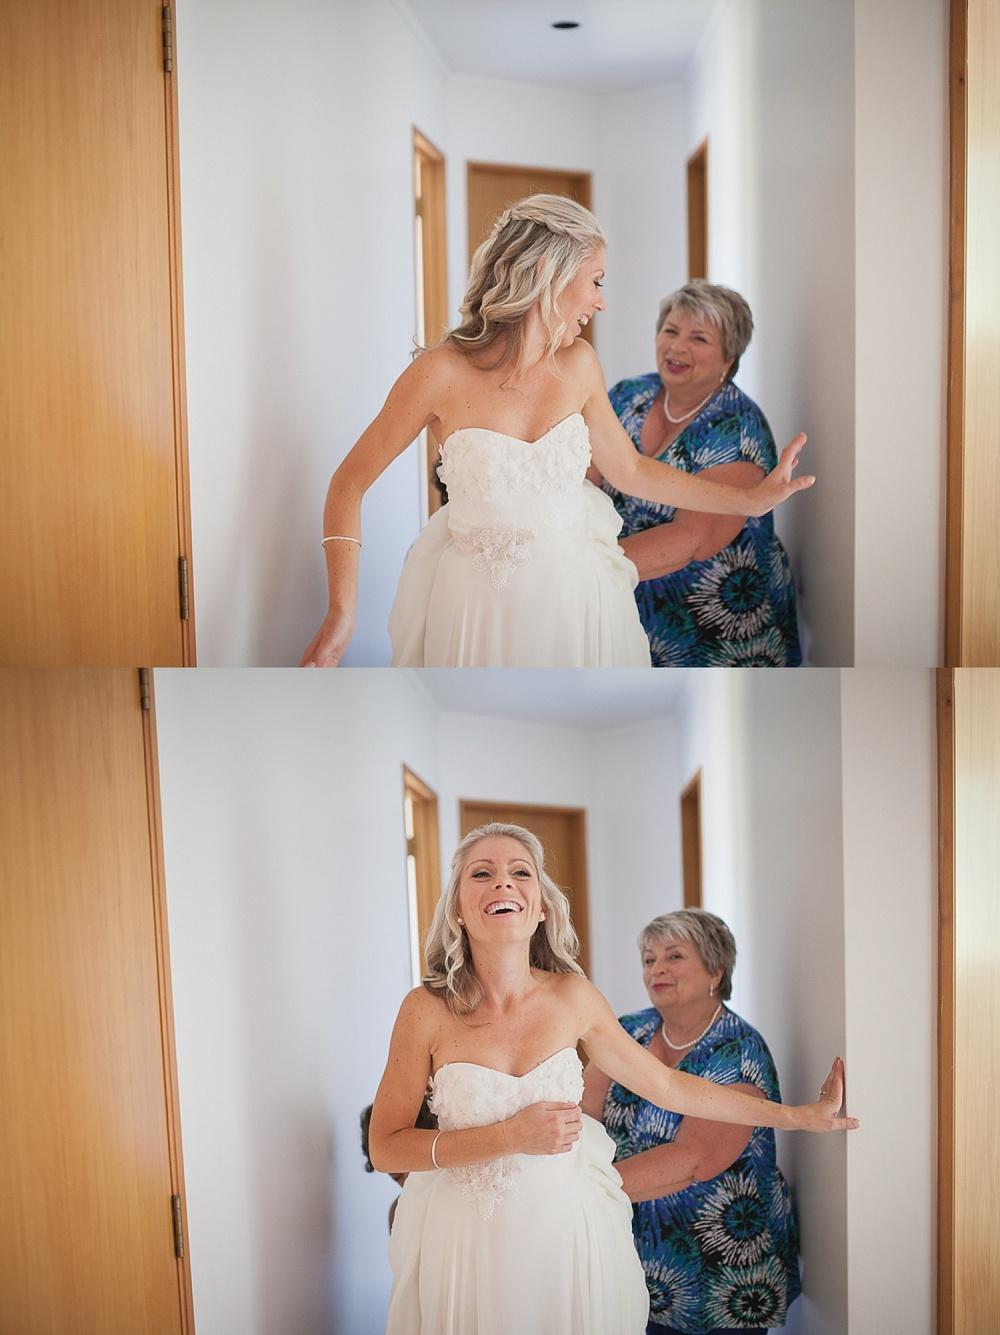 Cassels-wedding-auckland0025.jpg